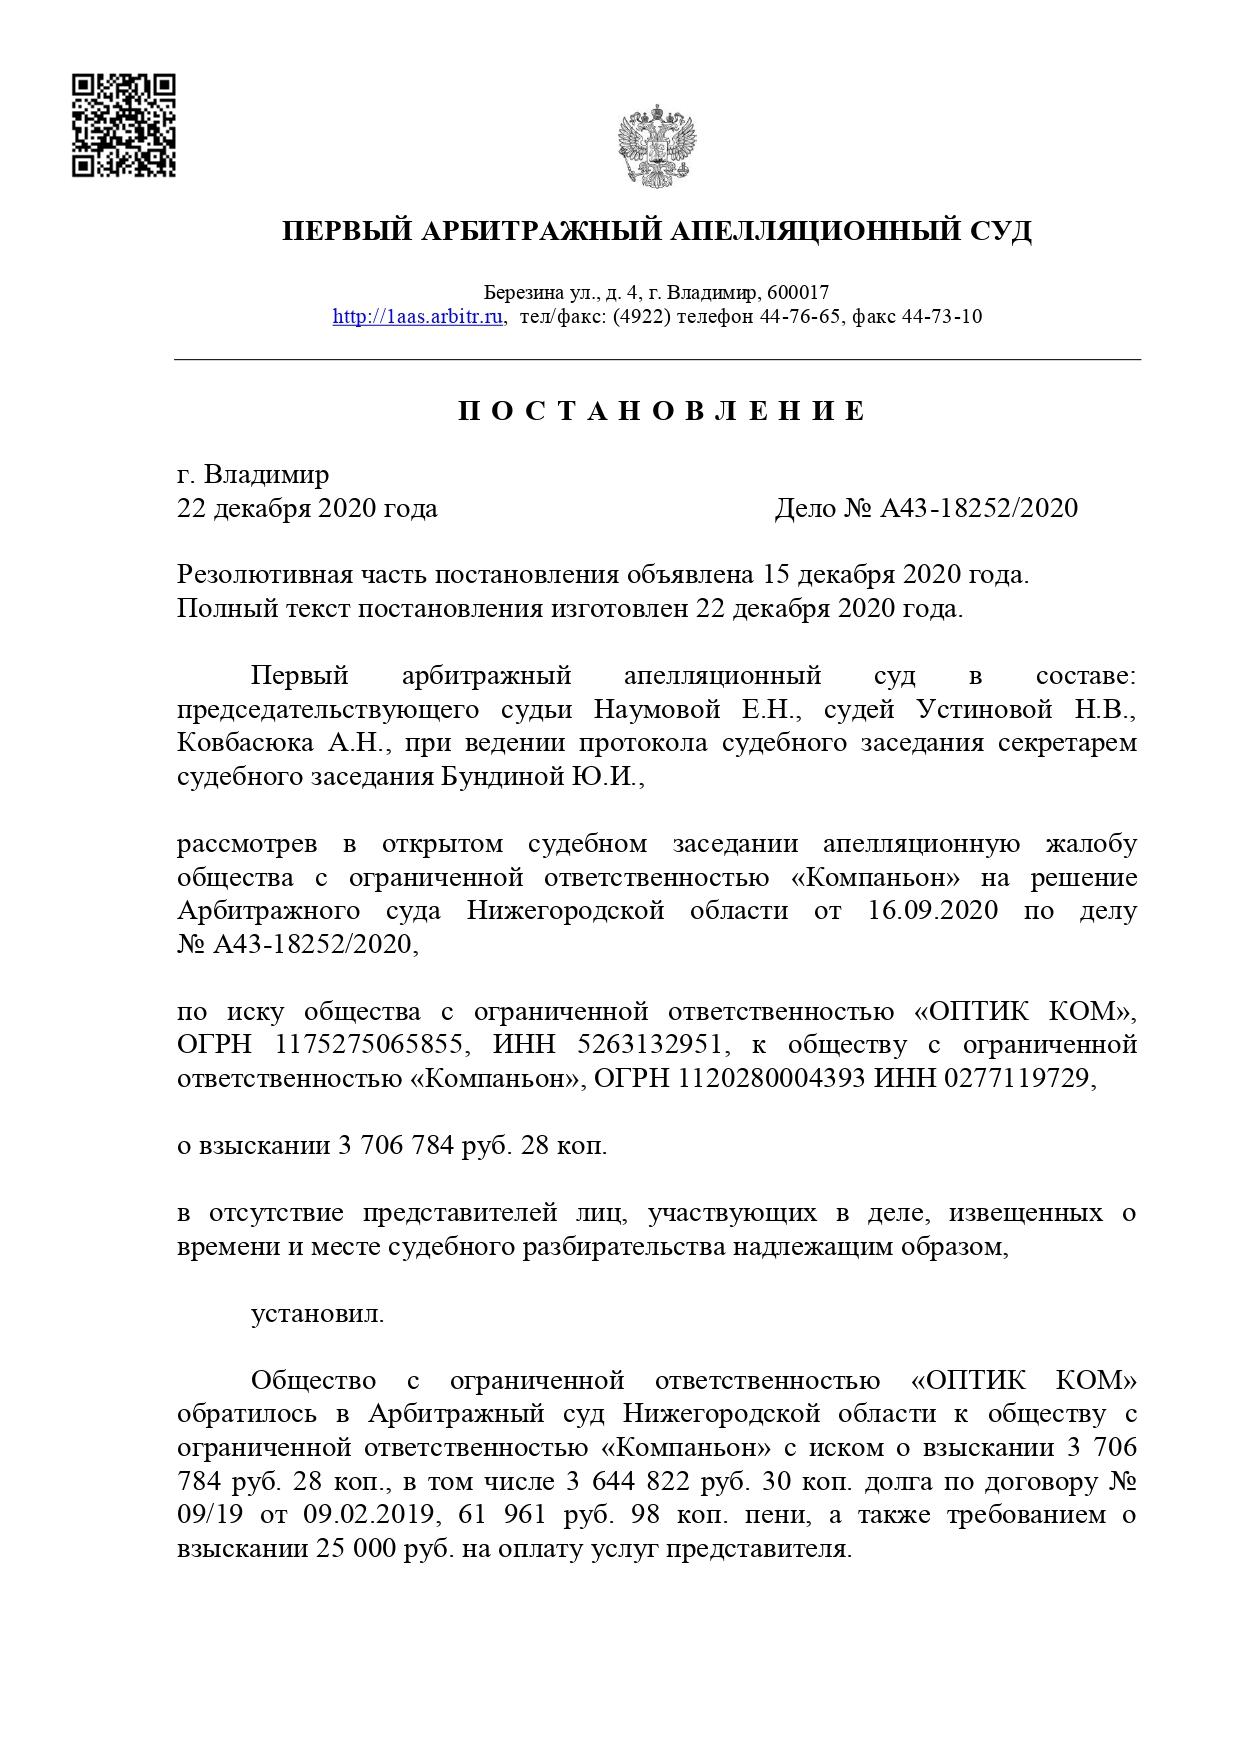 Взыскание долга по договору поставки 5